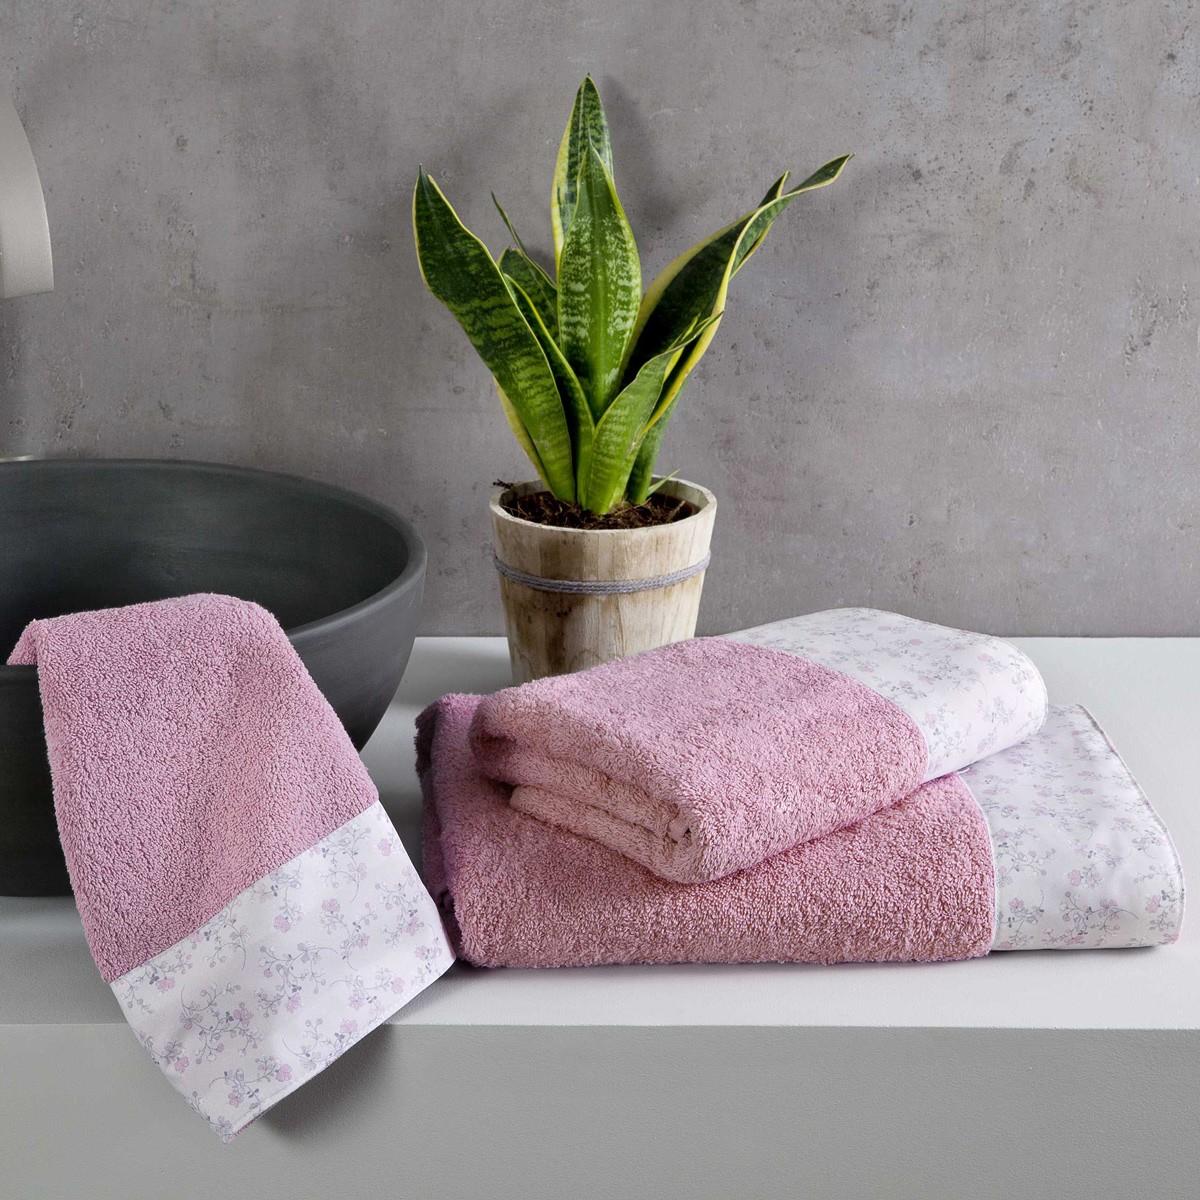 Πετσέτες Μπάνιου (Σετ 3τμχ) Nima Towels Secret Garden